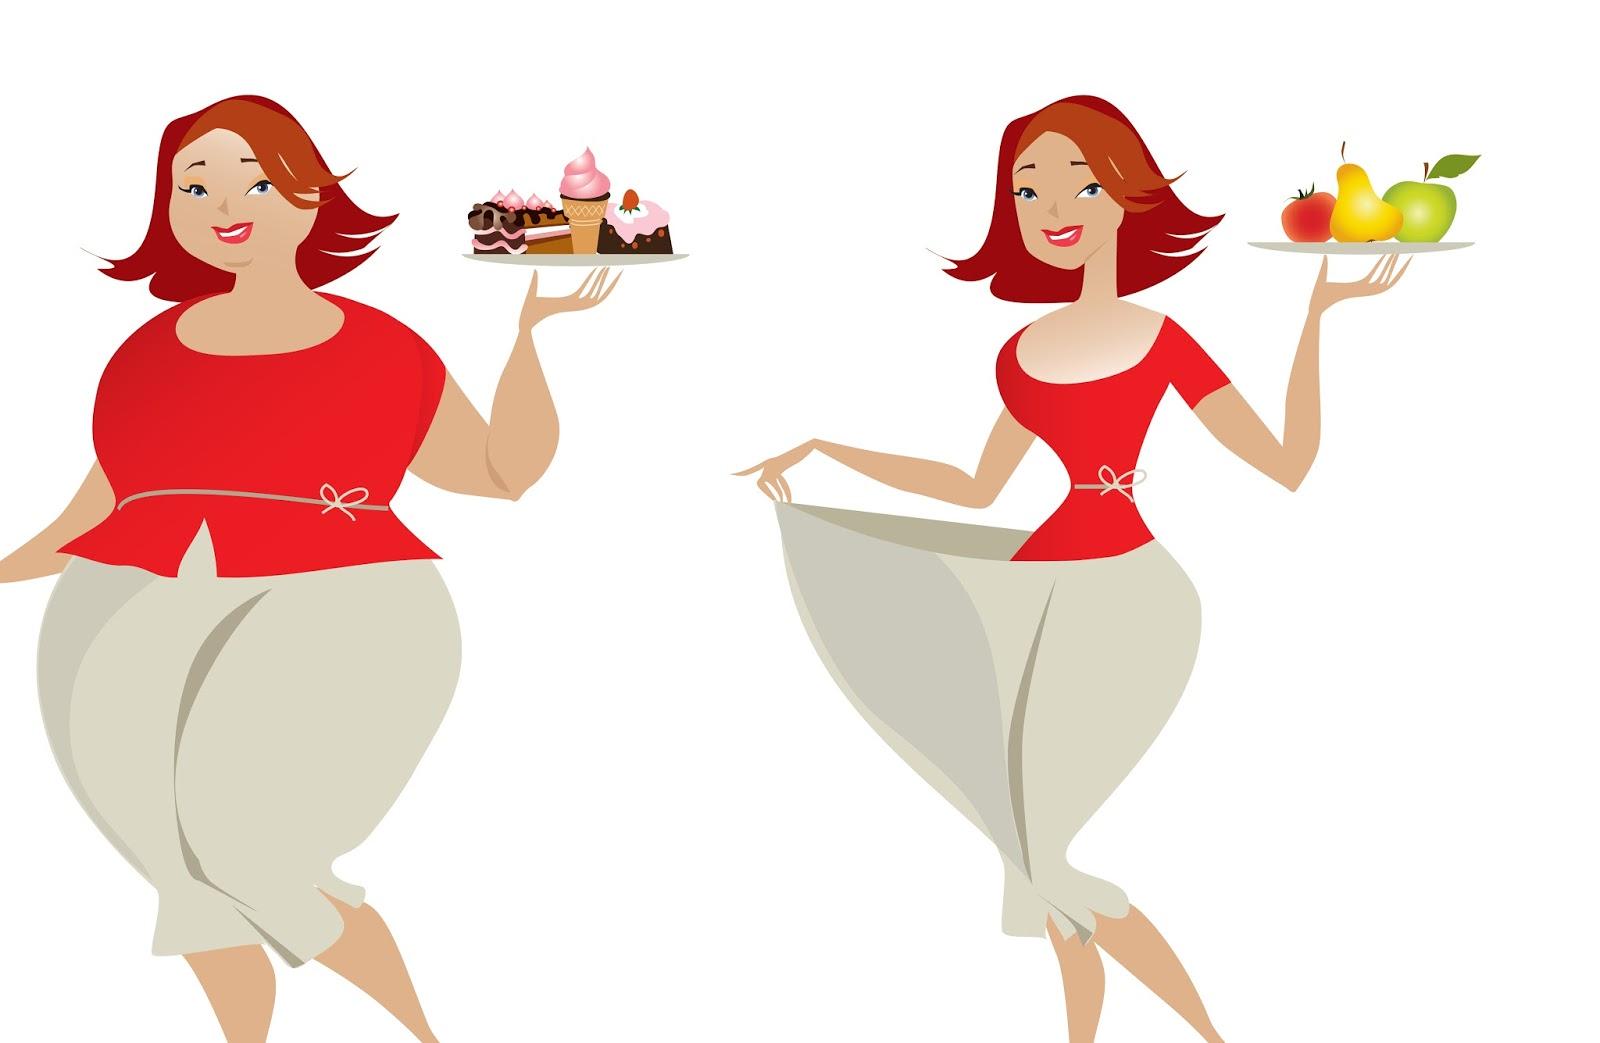 Передать, картинки до после похудения смешные